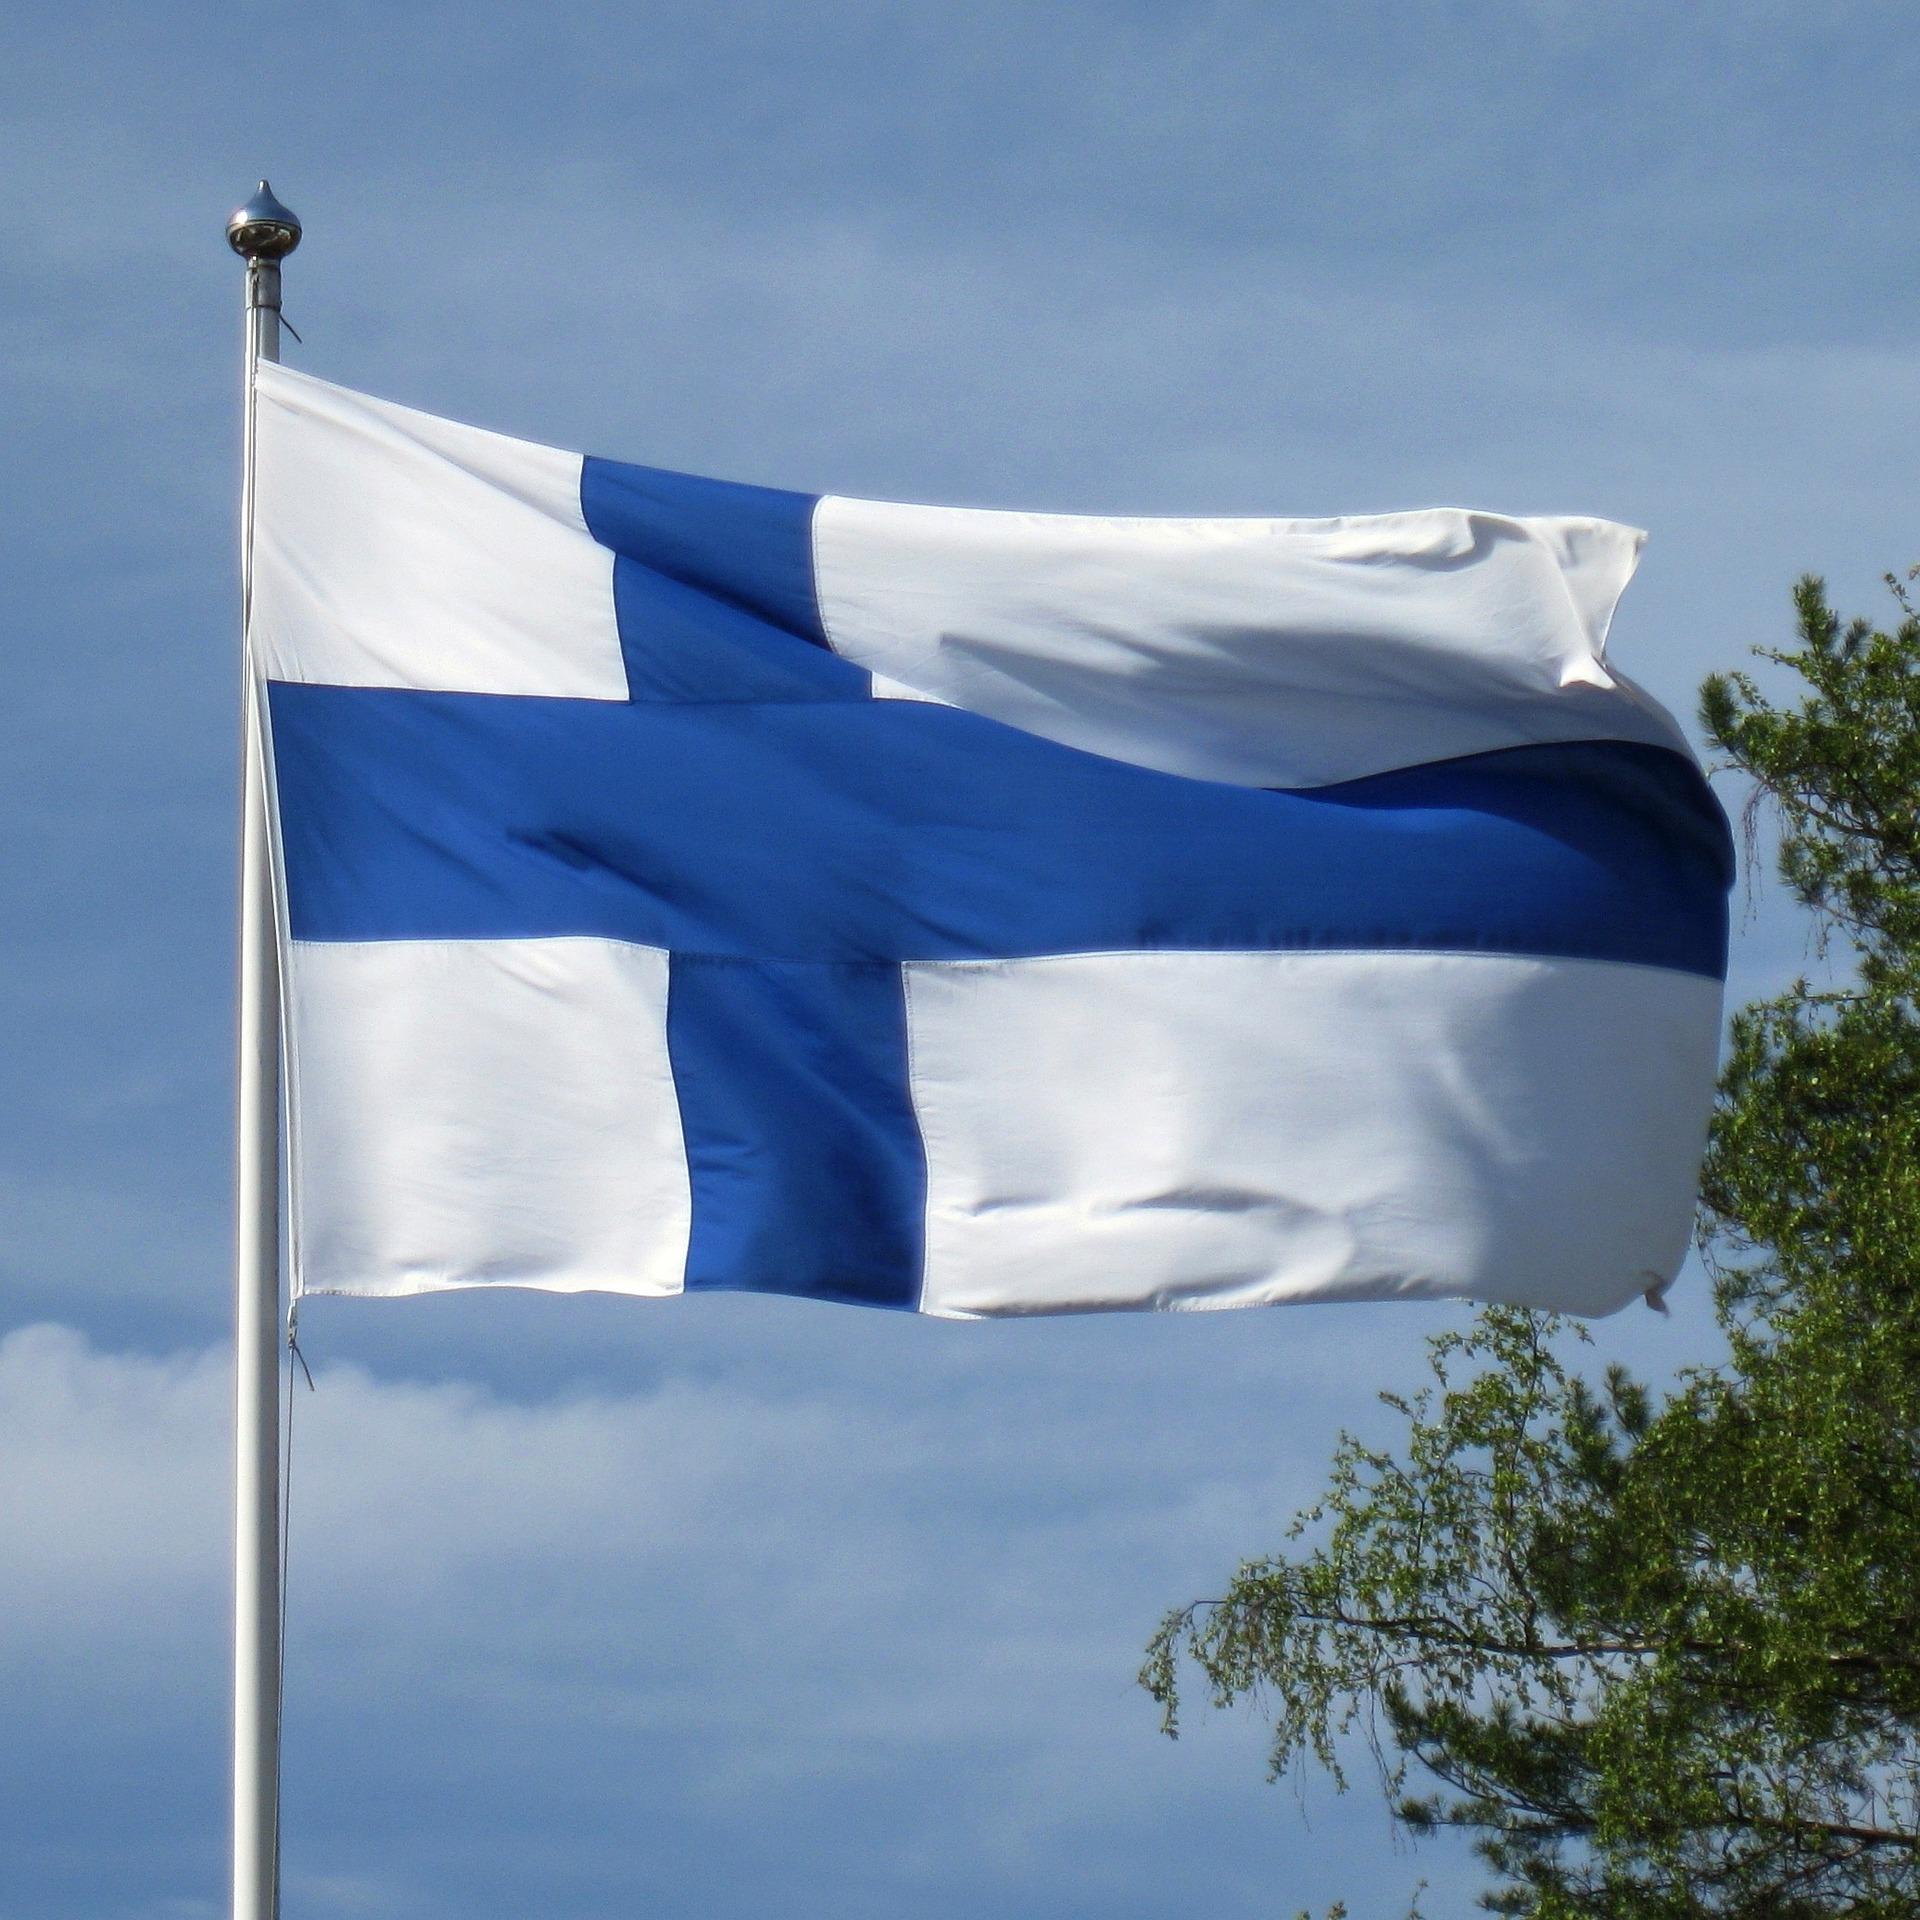 Finnish flag. Photo by Hietaparta on Pixabay.